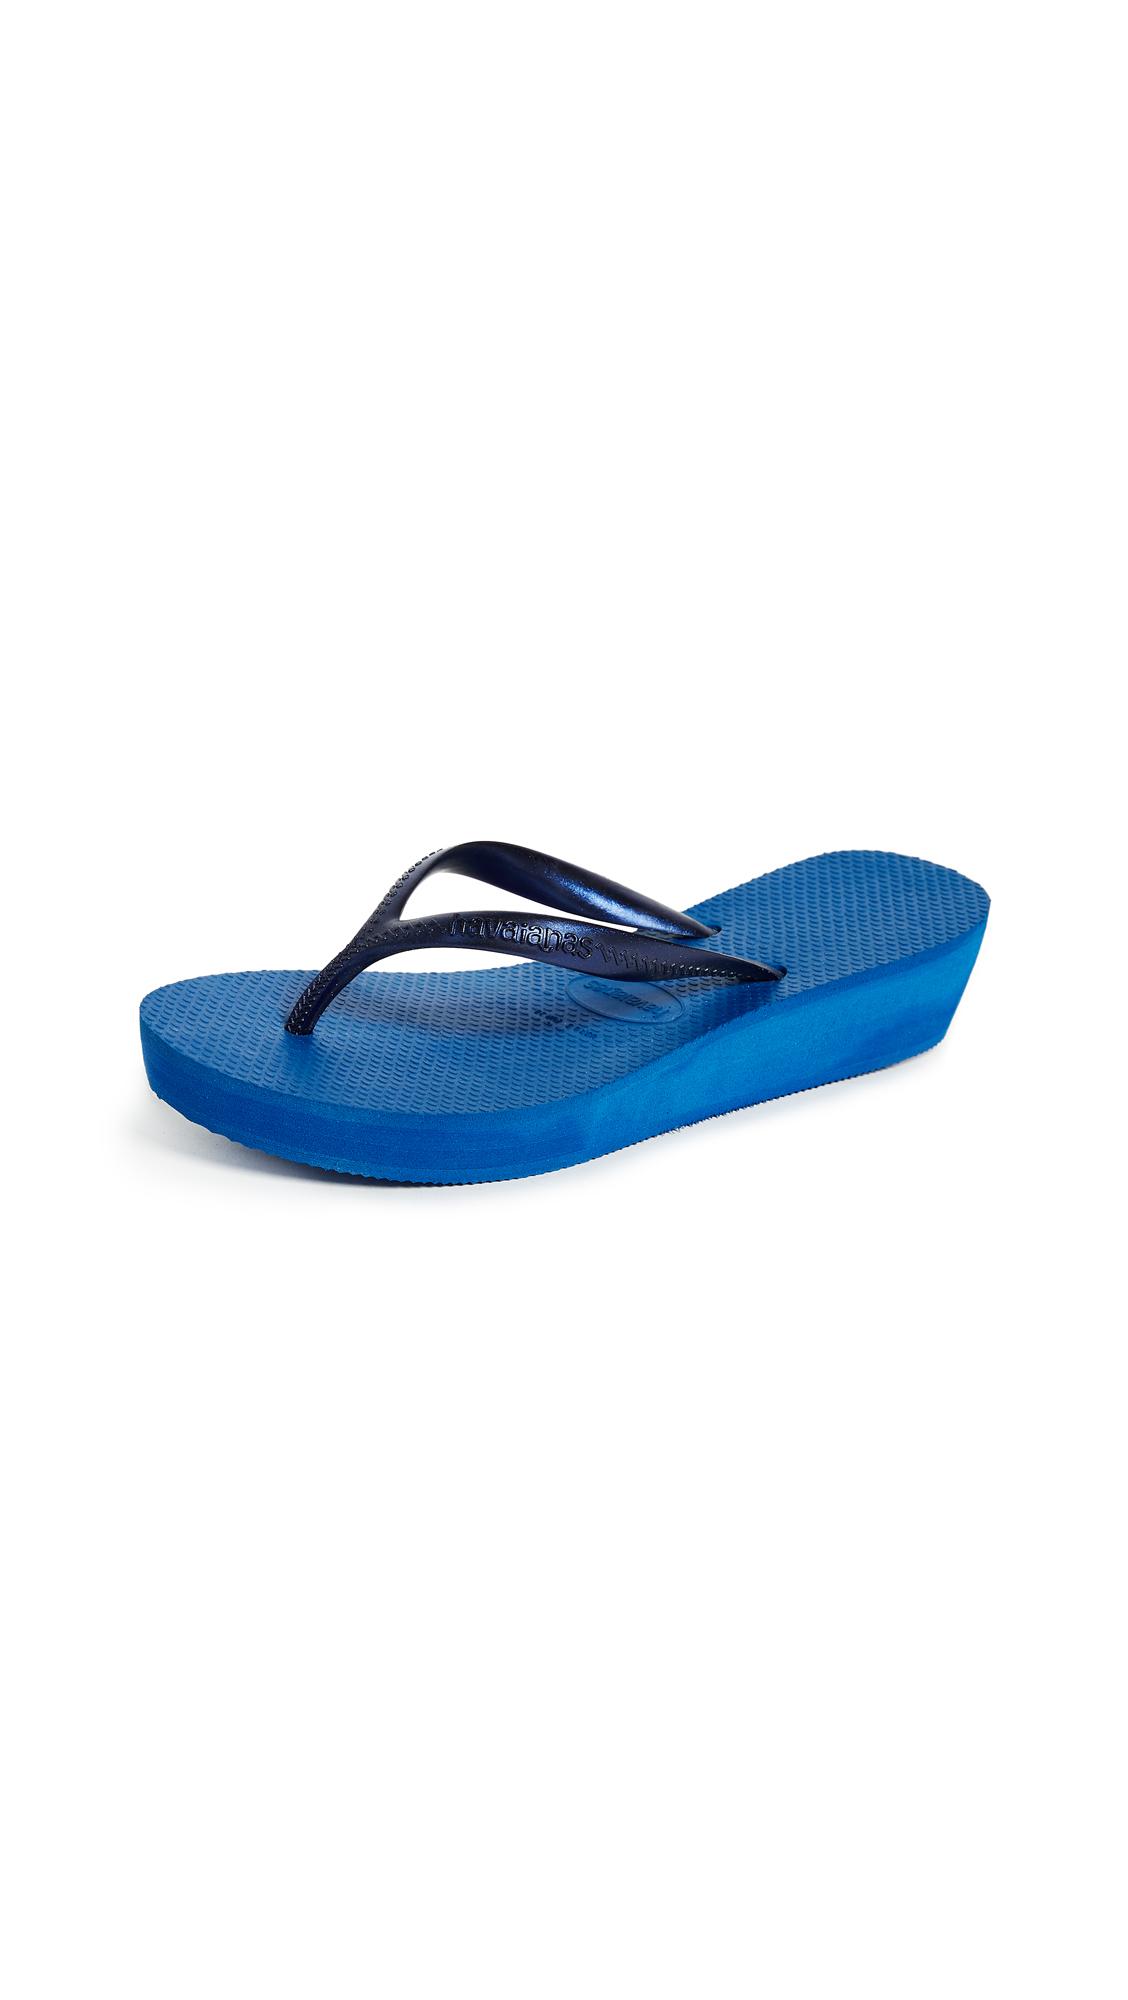 Havaianas High Light Flip Flops - Blue